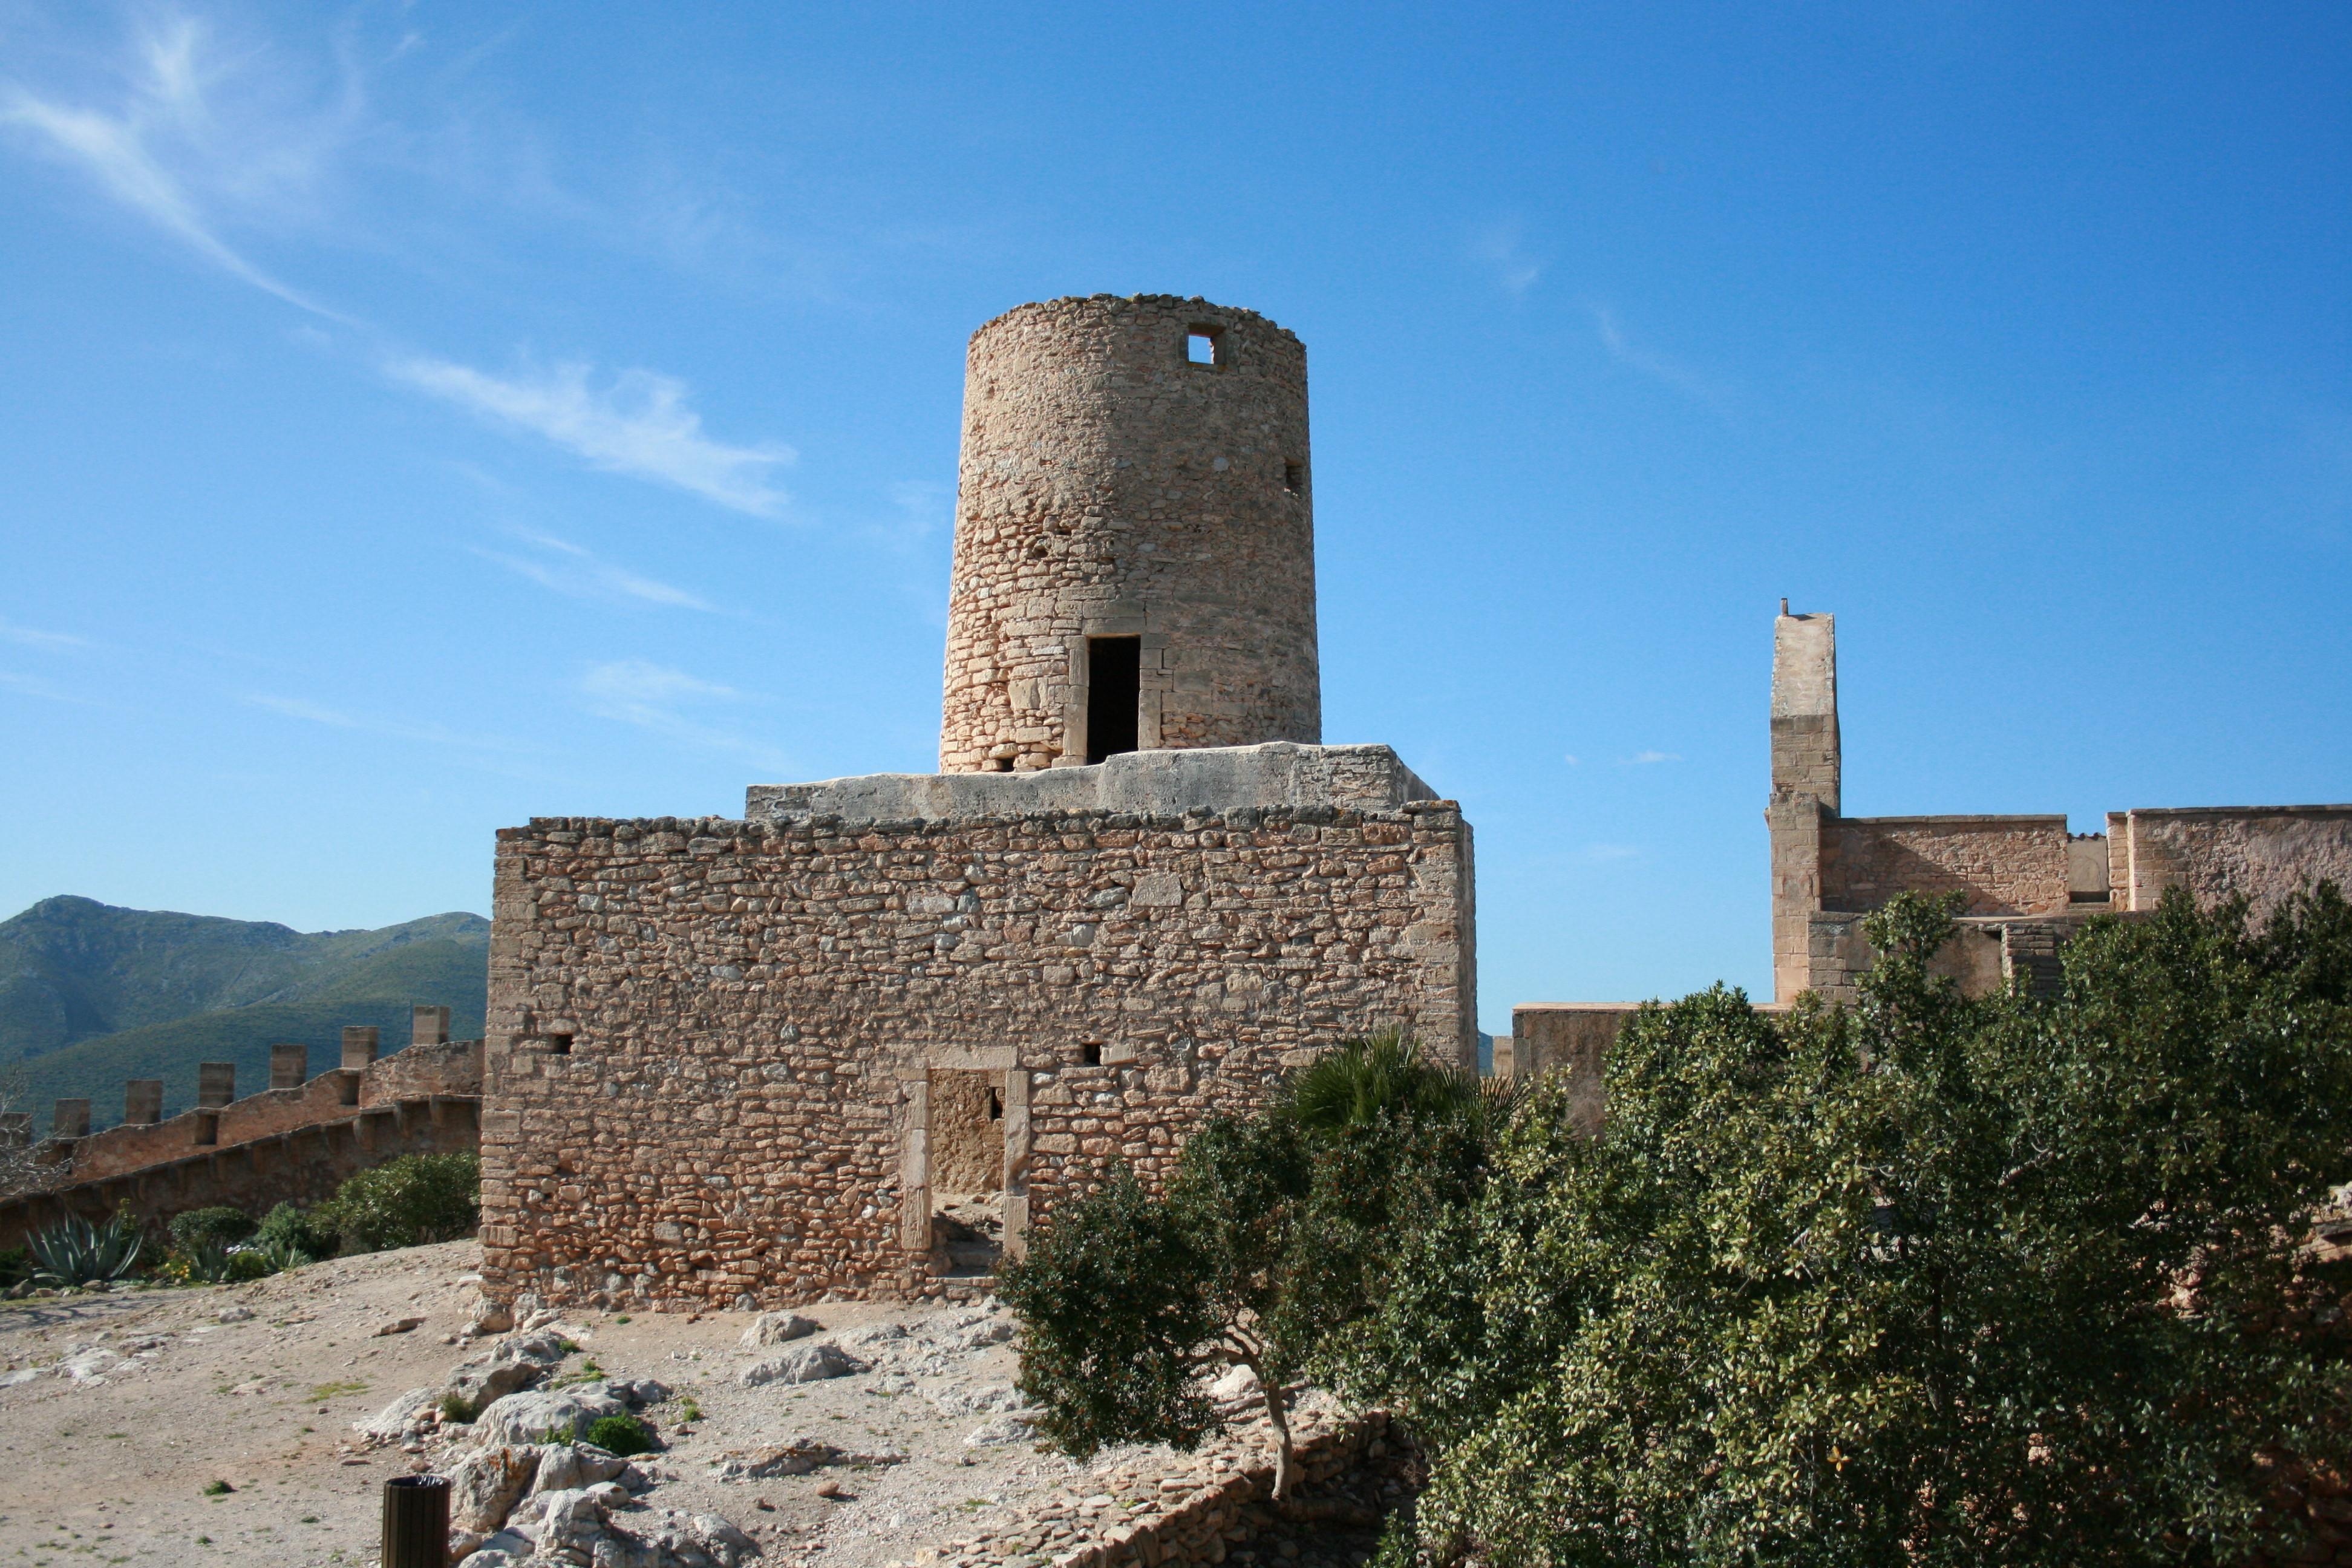 Depiction of Castillo de Capdepera